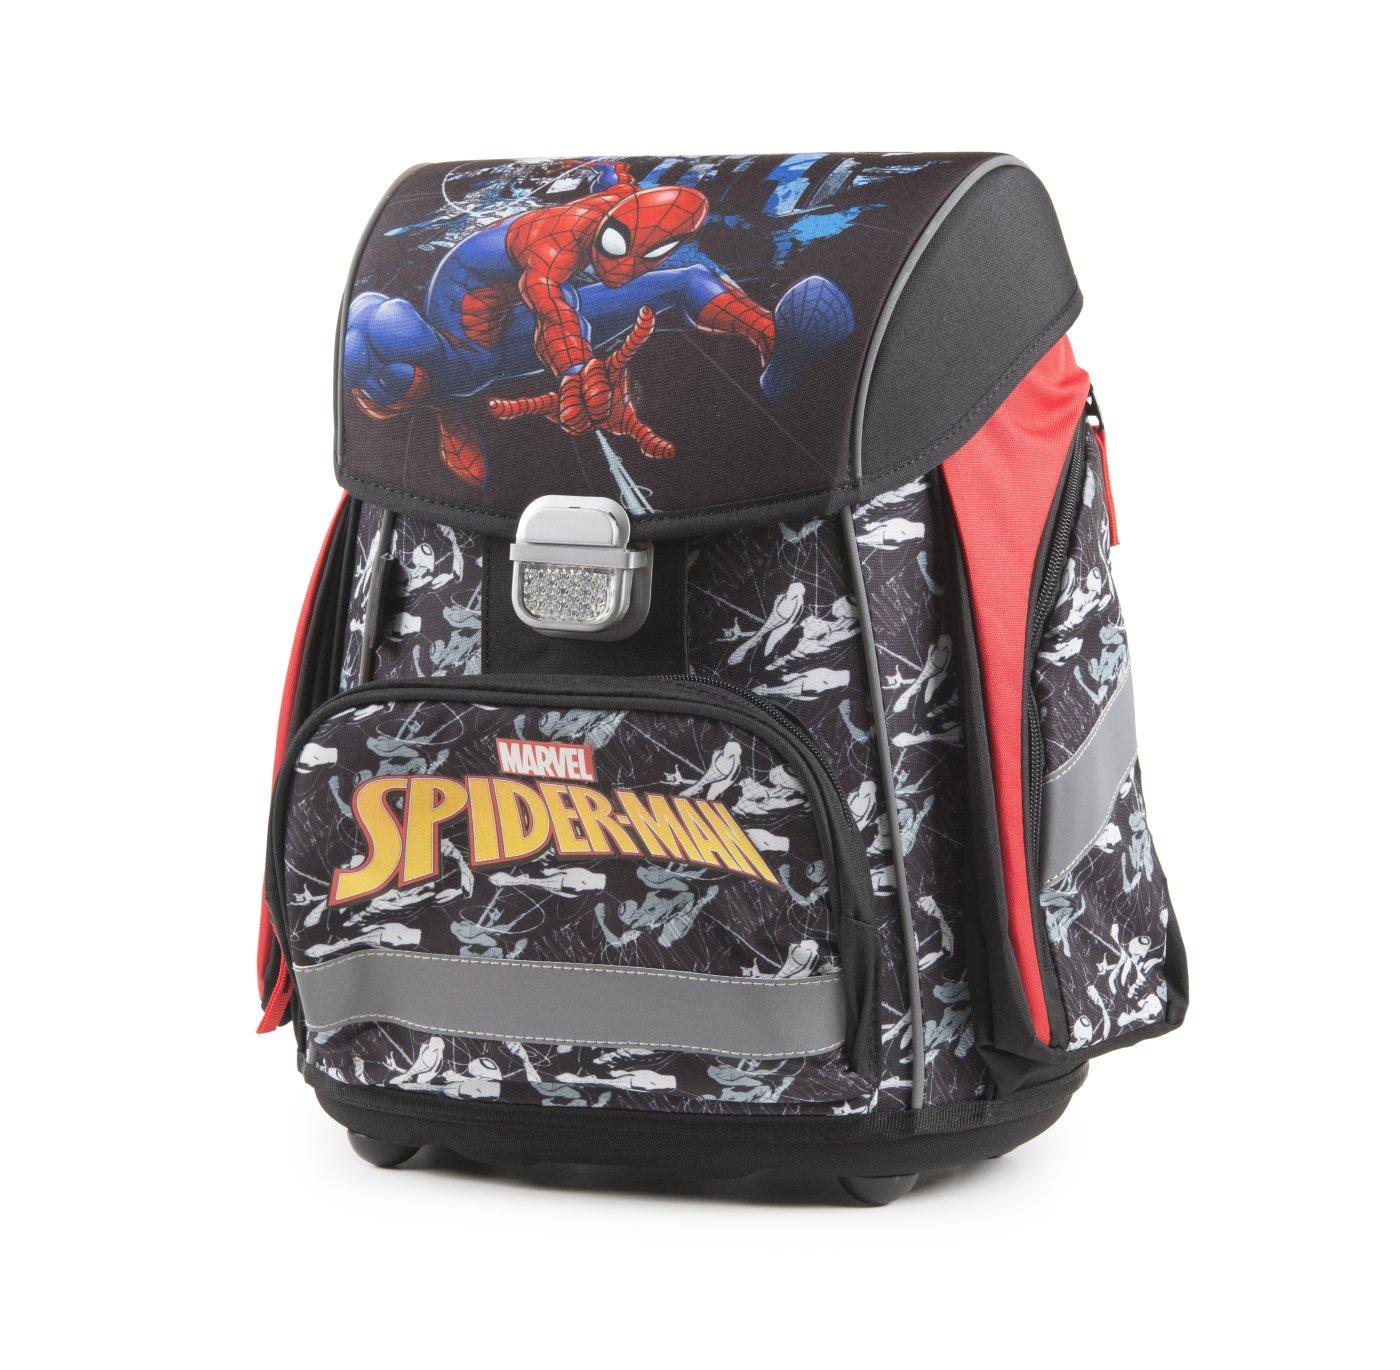 Školní batoh PREMIUM Spiderman - Školní potřeby » BATOHY A AKTOVKY ... 979d778238